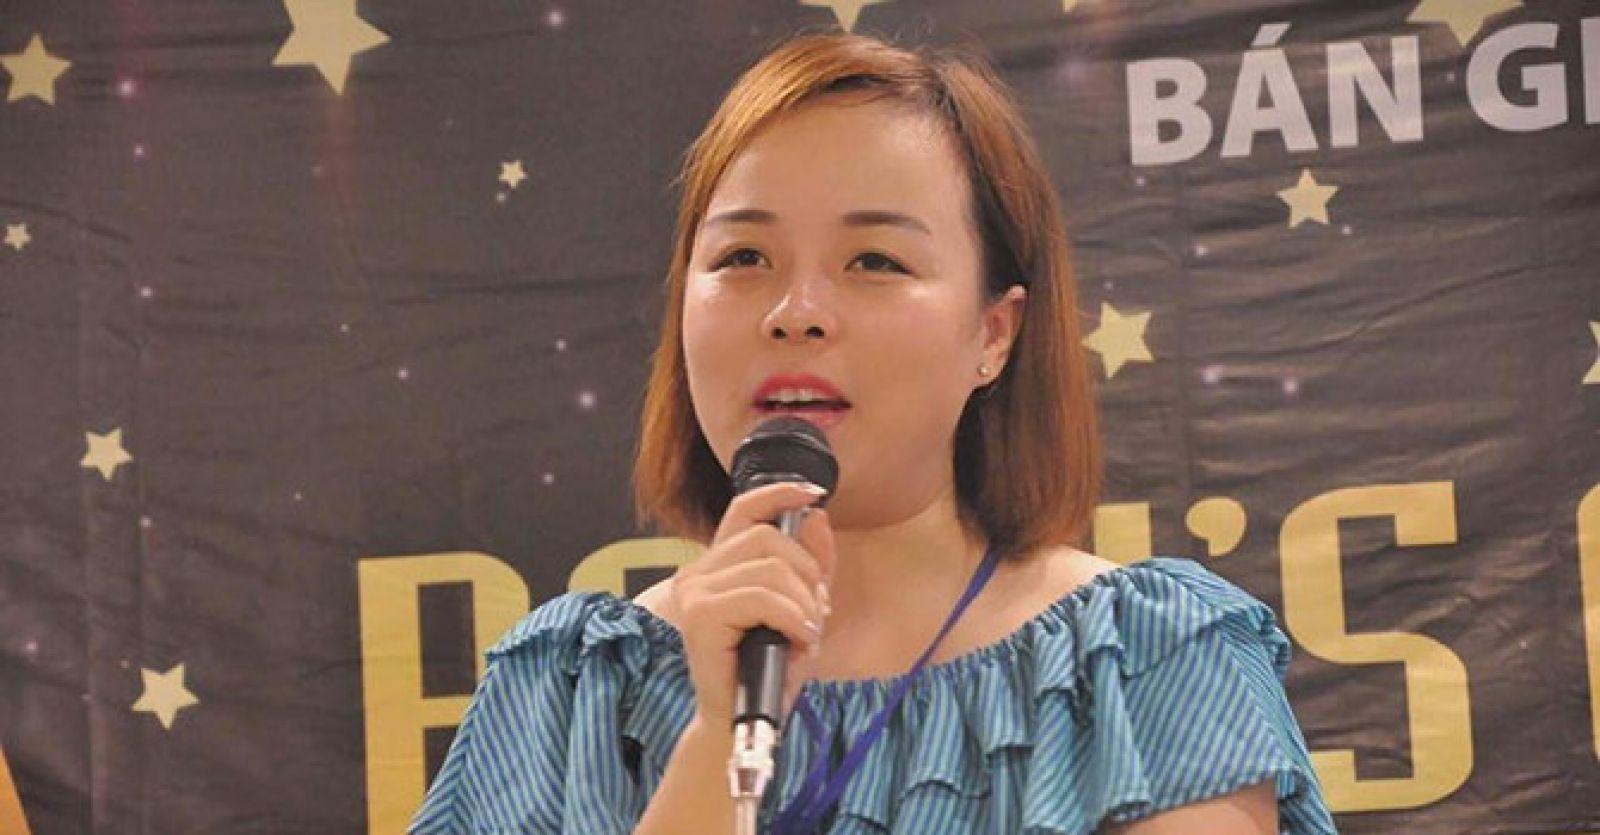 Nguyễn Thị Kim Thùy, cô gái khởi nghiệp với... 1 triệu đồng.